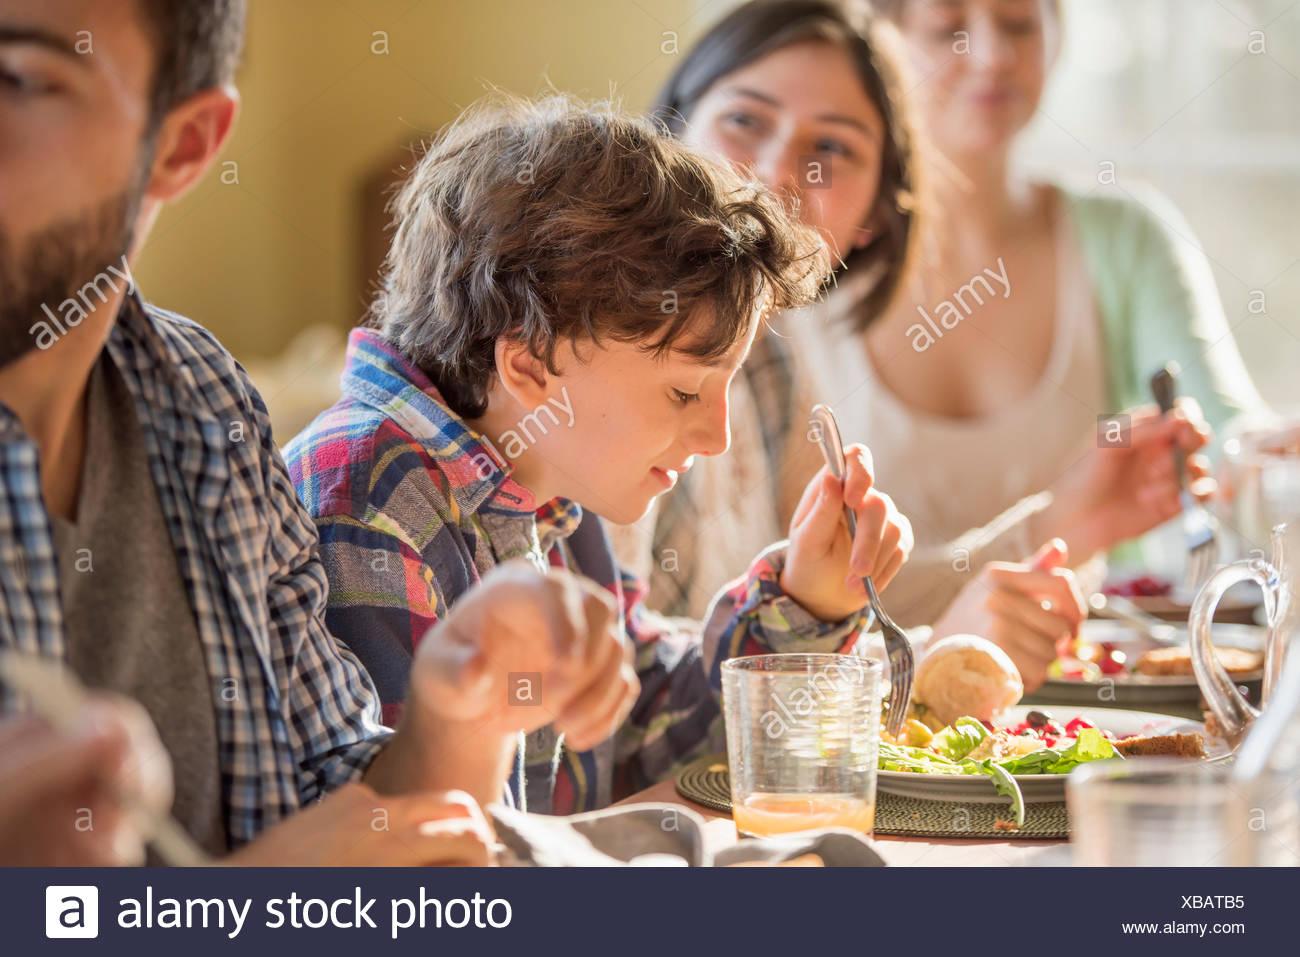 Un grupo de personas, adultos y niños, sentados alrededor de una mesa para comer. Imagen De Stock